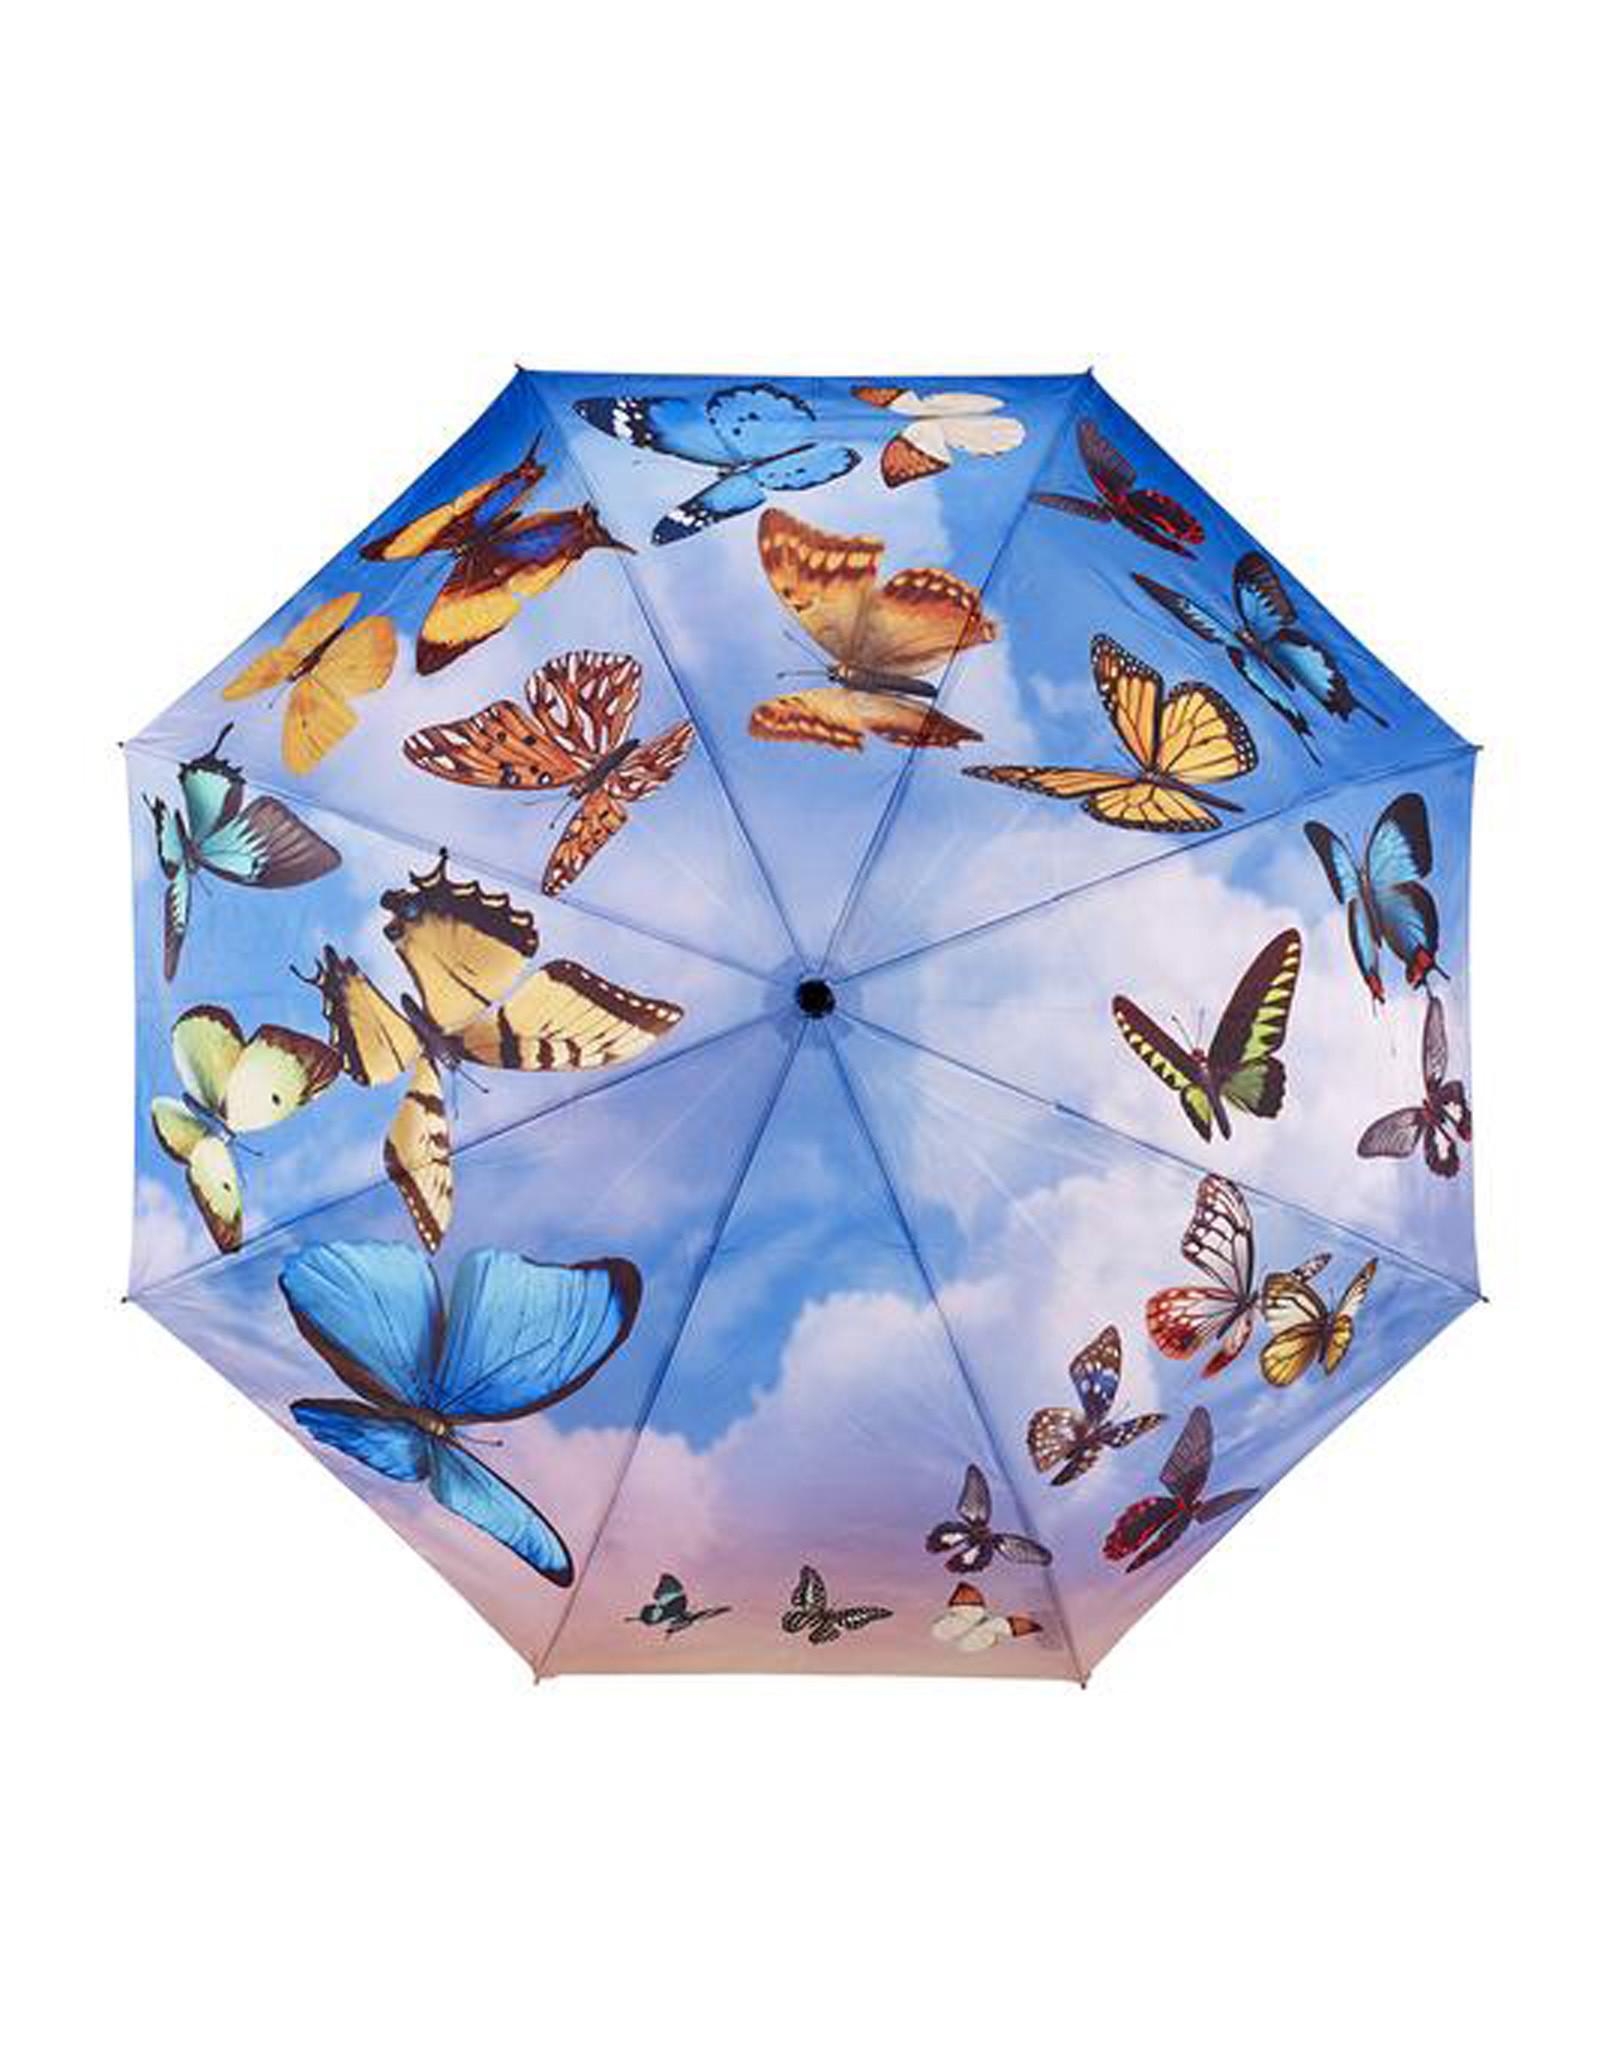 Umbrella Swirling Butterflies